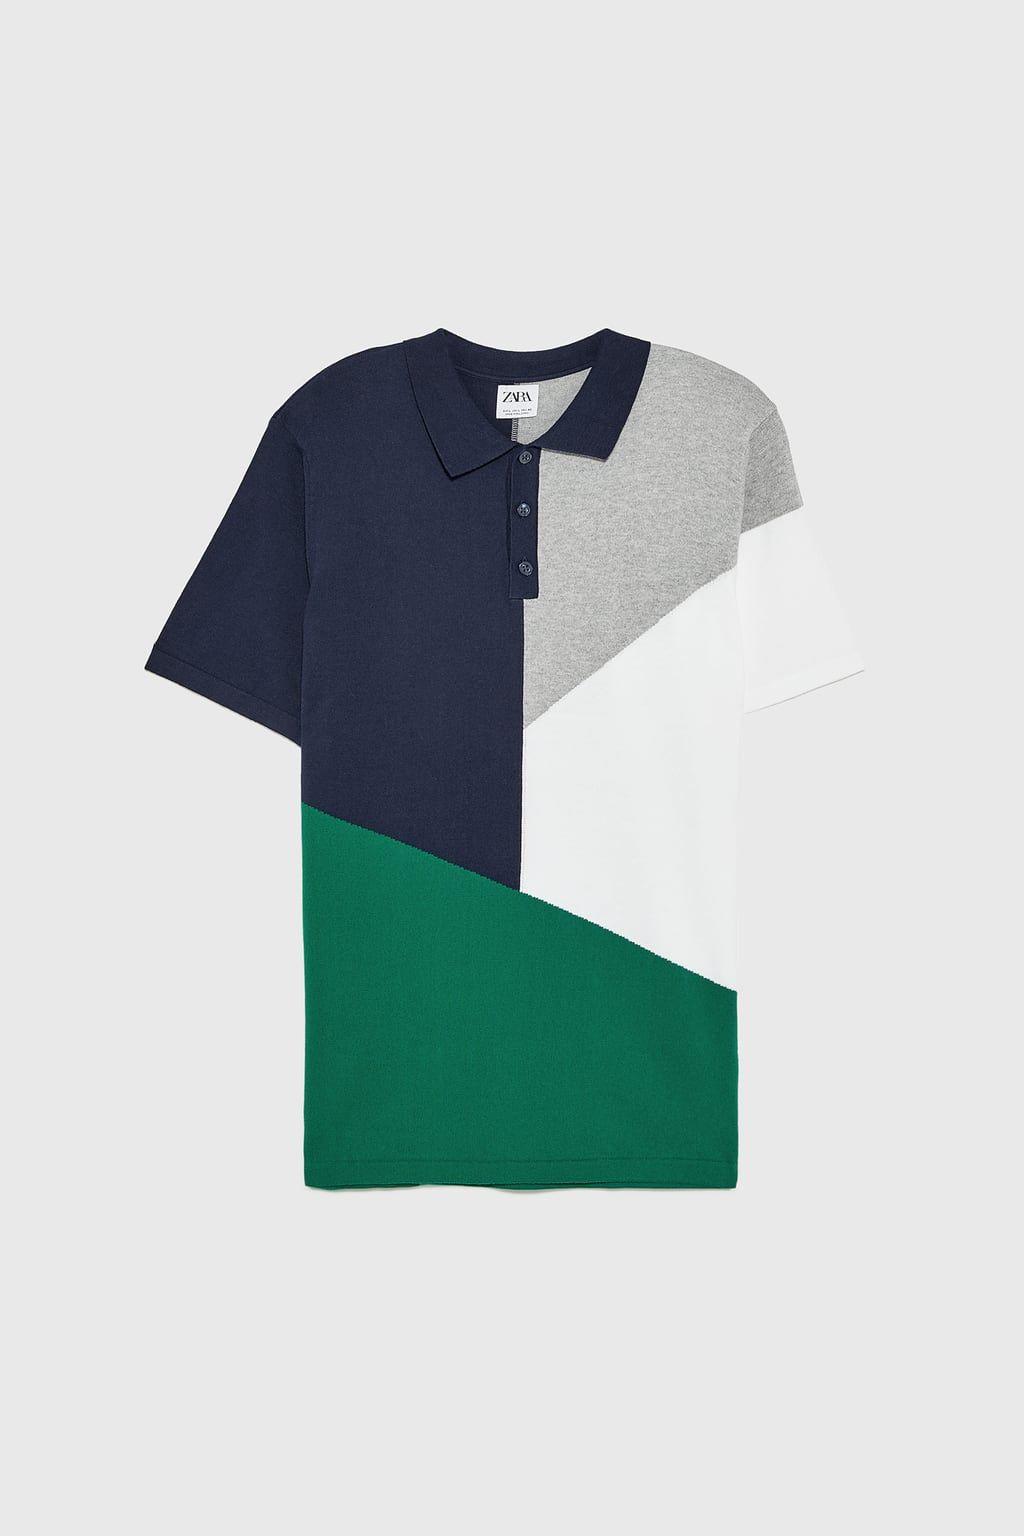 Polo color block | S T Y L E en 2019 | Polo hombre, Zara y Color